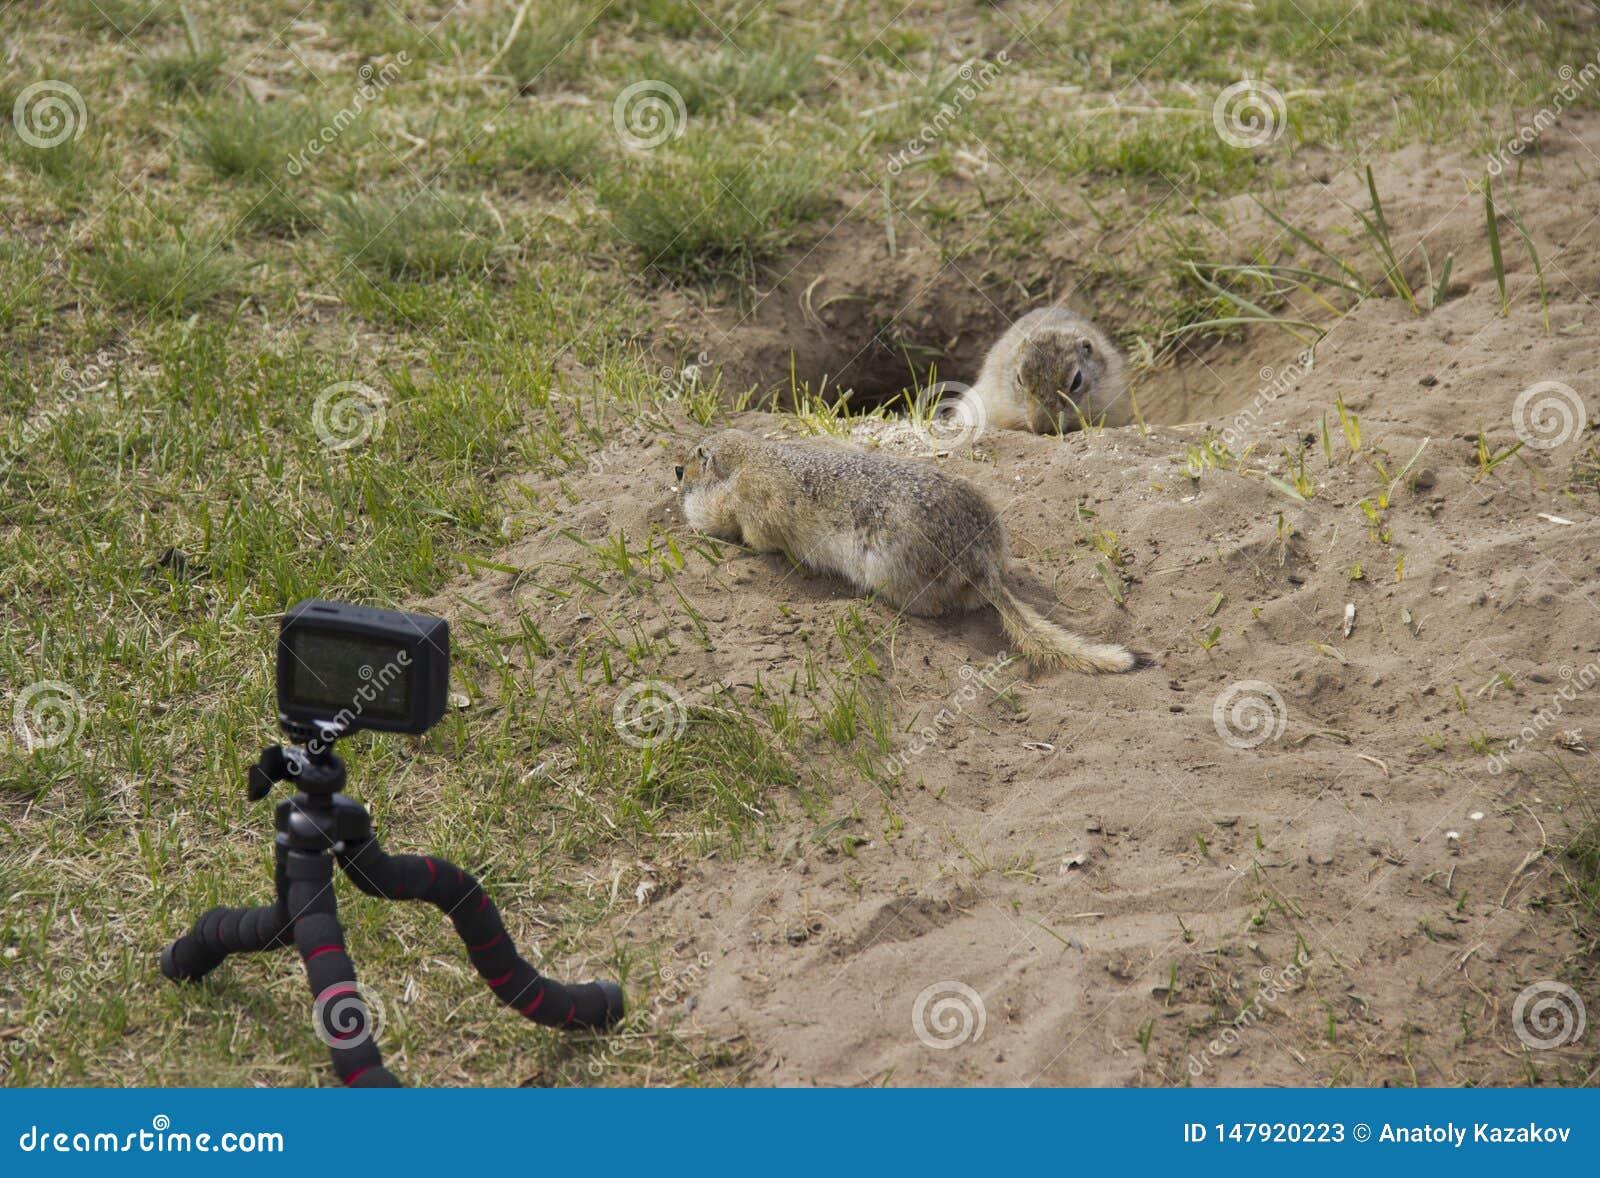 Rimuoviamo il gopher su una videocamera